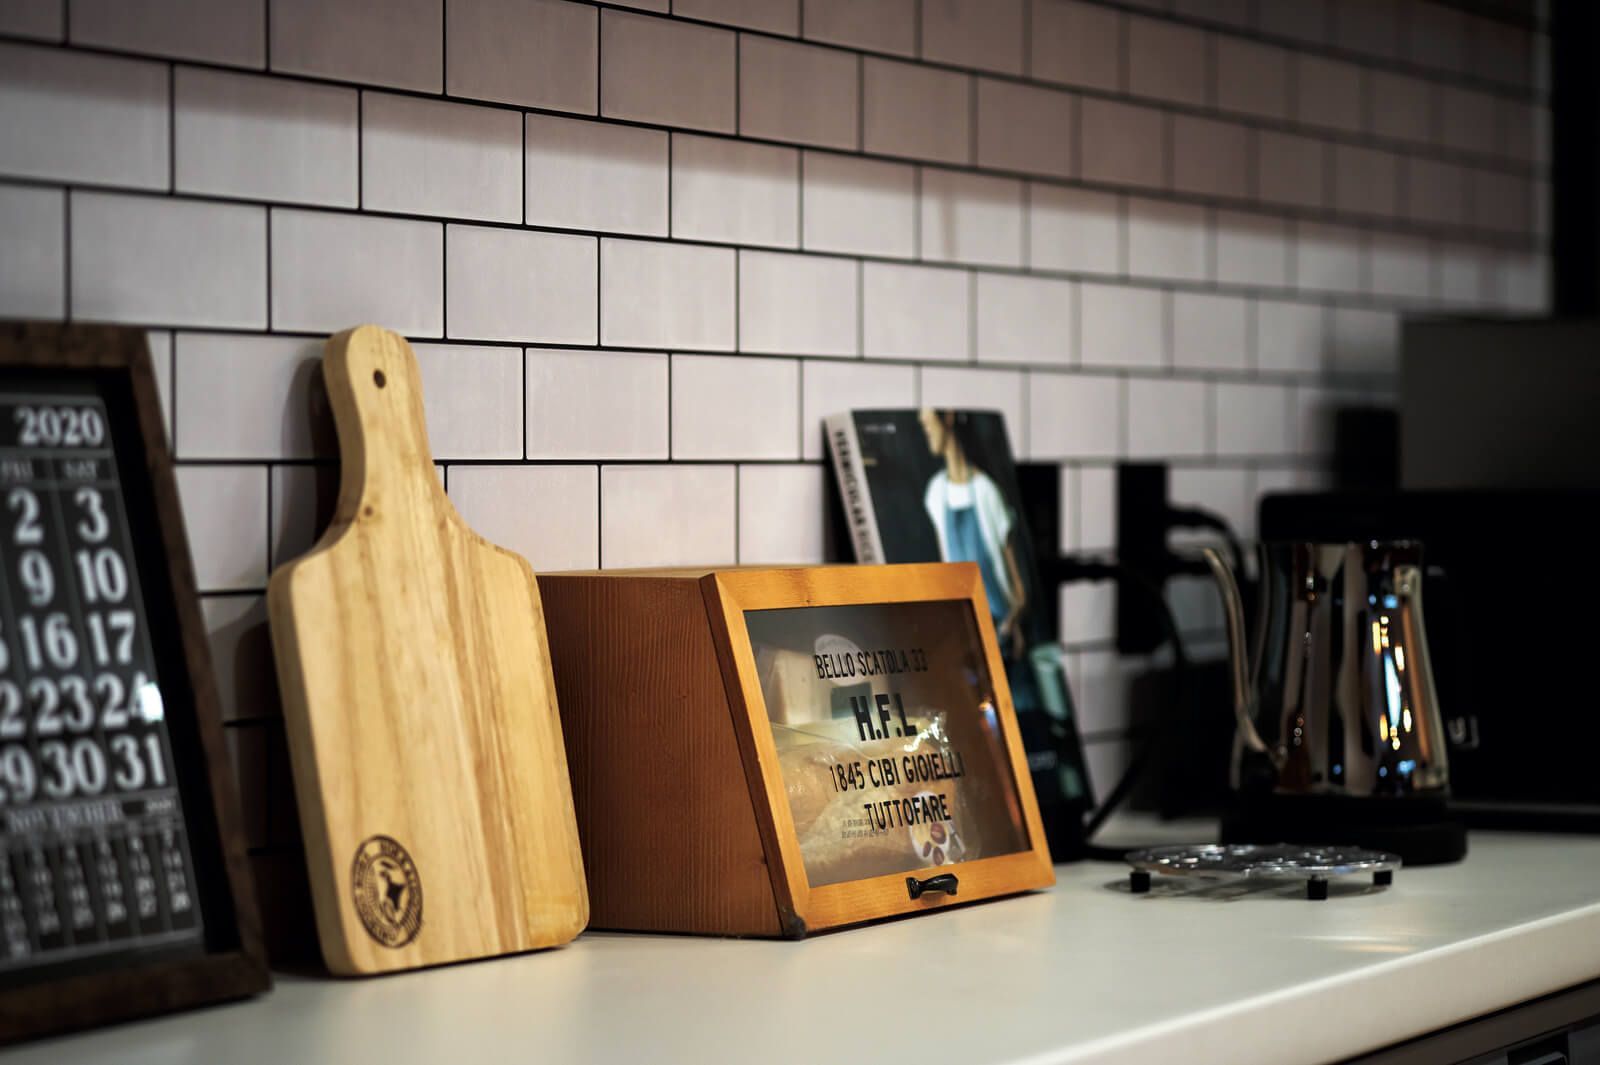 キッチンの前を人が通るので目隠しできるように腰壁は高めに。提案されたキッチン背面のオープン棚がとても使いやすいと奥さん